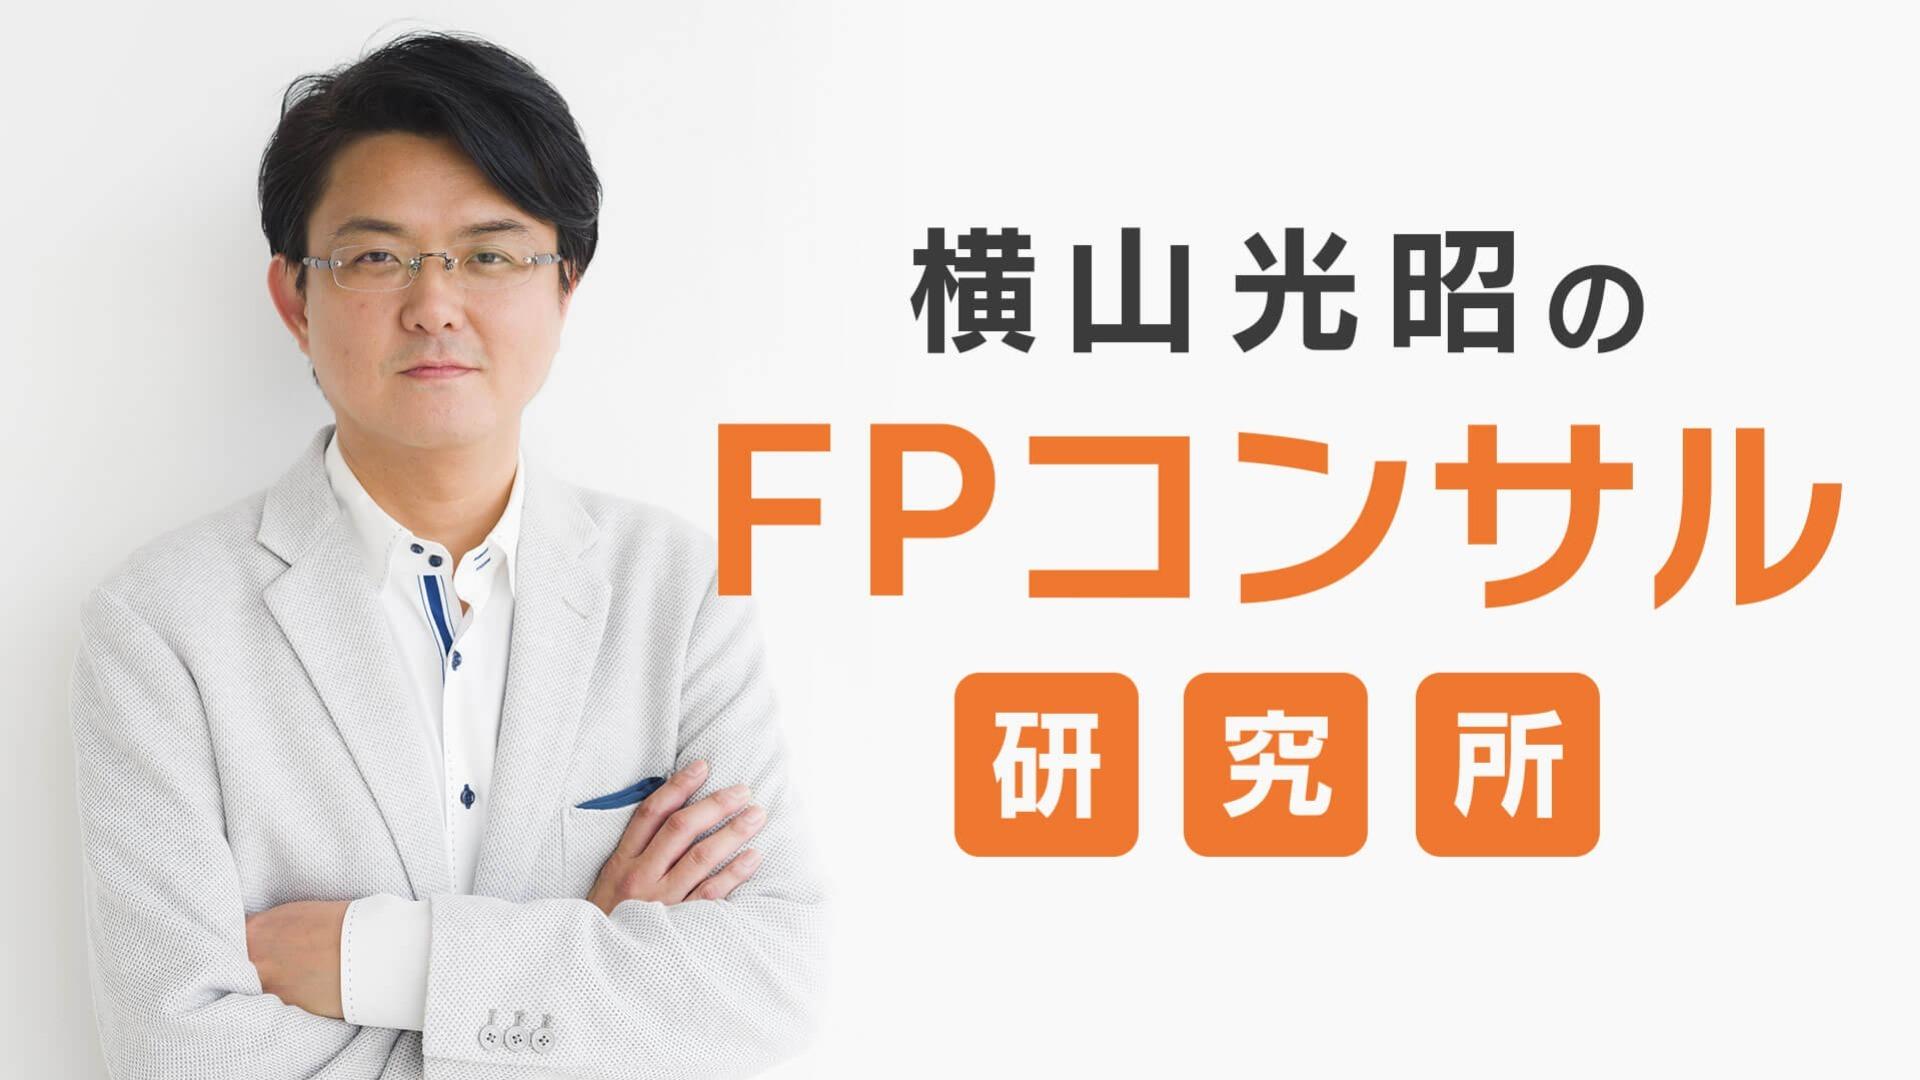 横山光昭のFPコンサル研究所